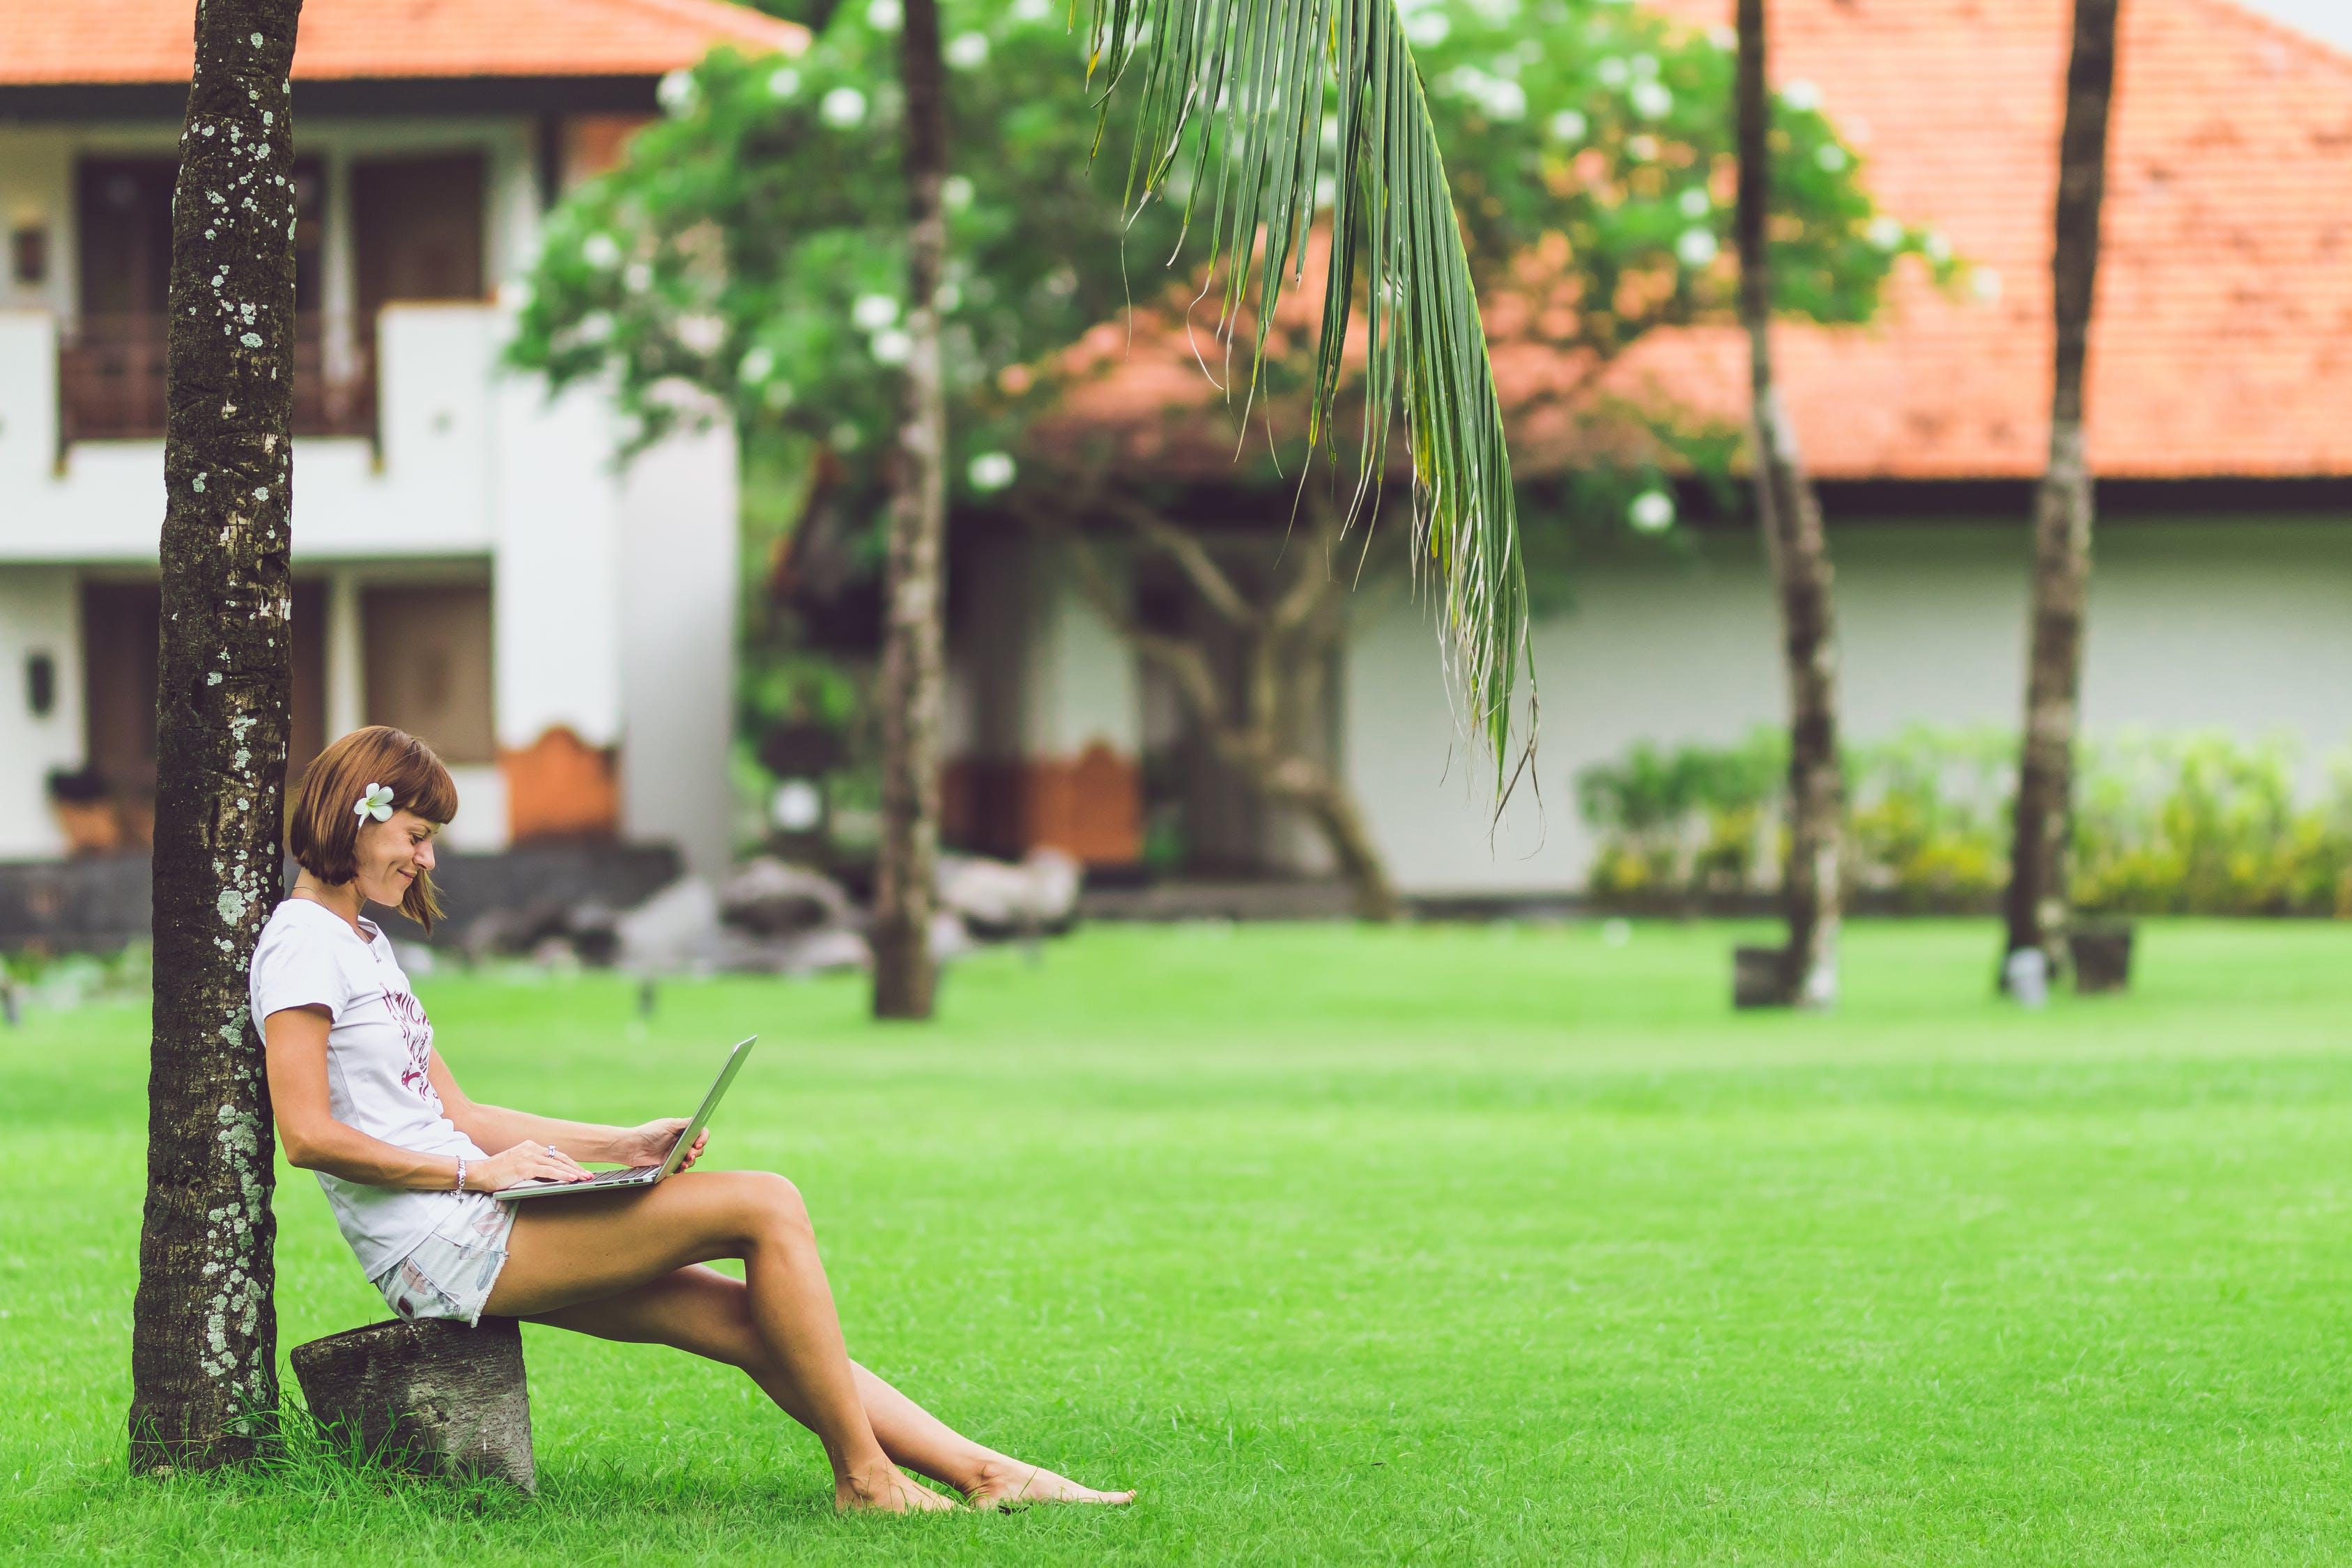 Praca w czasie urlopów i po godzinach ‒ w jakich branżach jest najgorzej, a w jakich najlepiej?